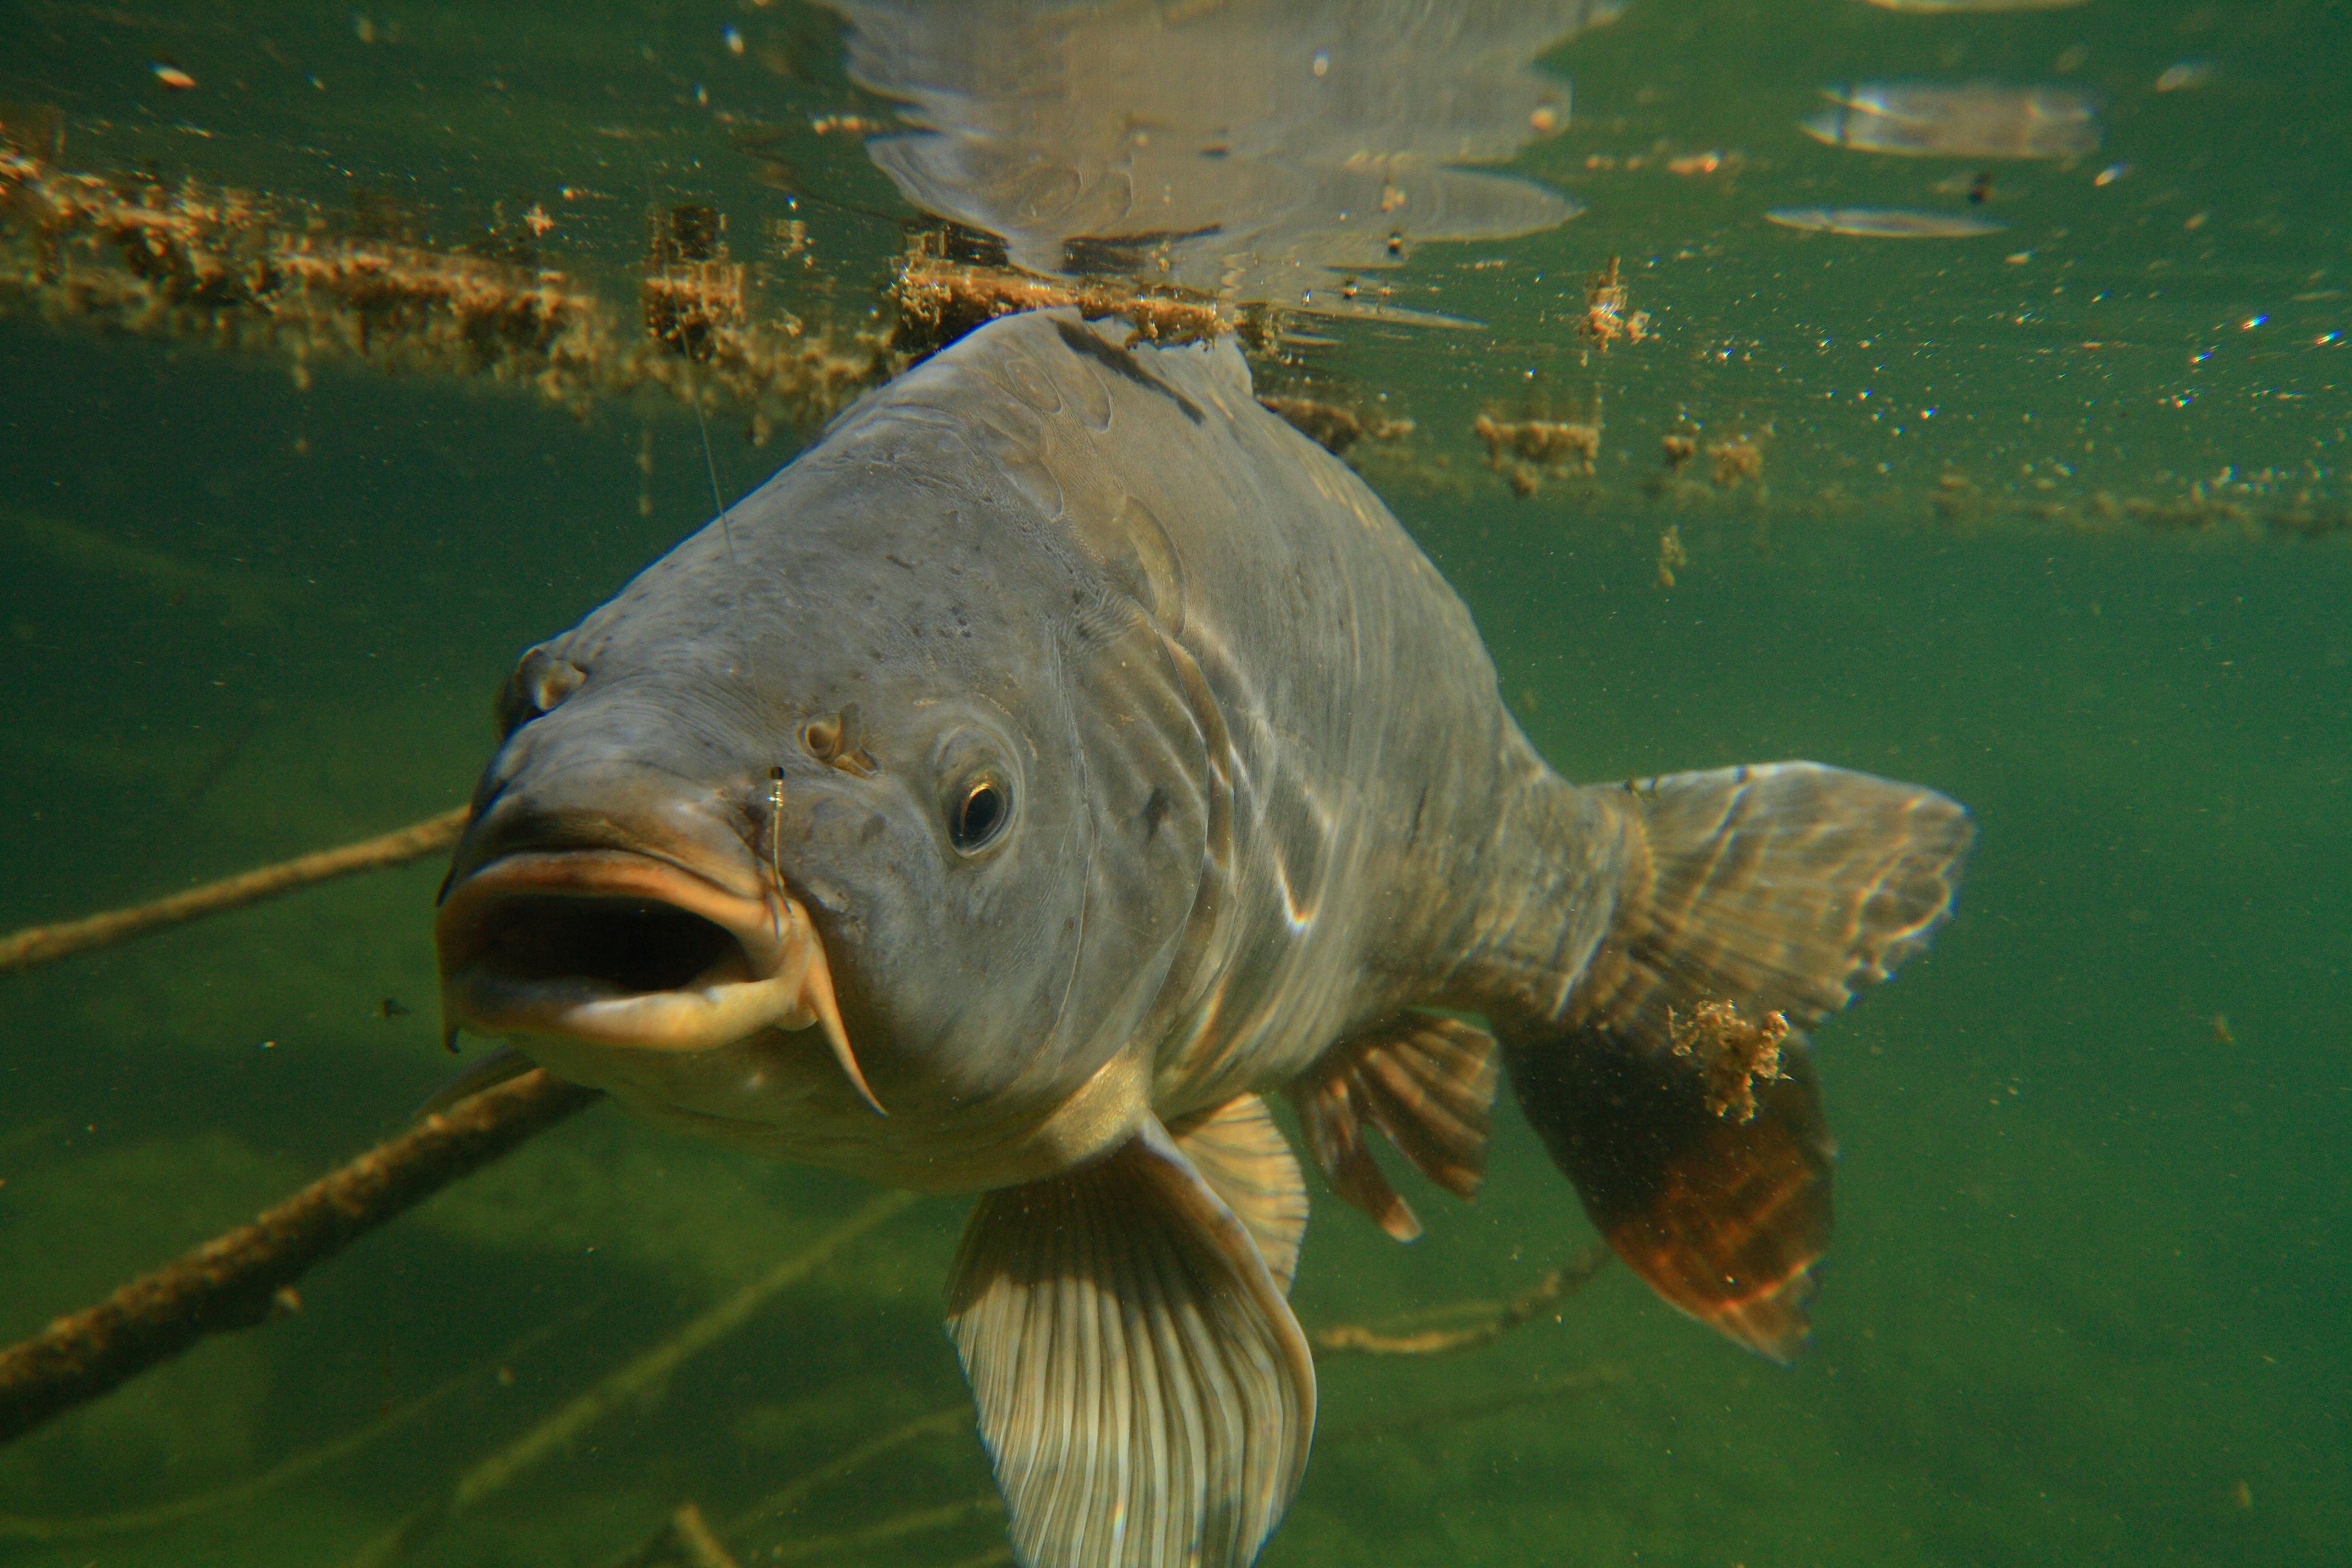 Karpfenangeln jetzt mit fisch und krebsaromen punkten for Fisch bilder